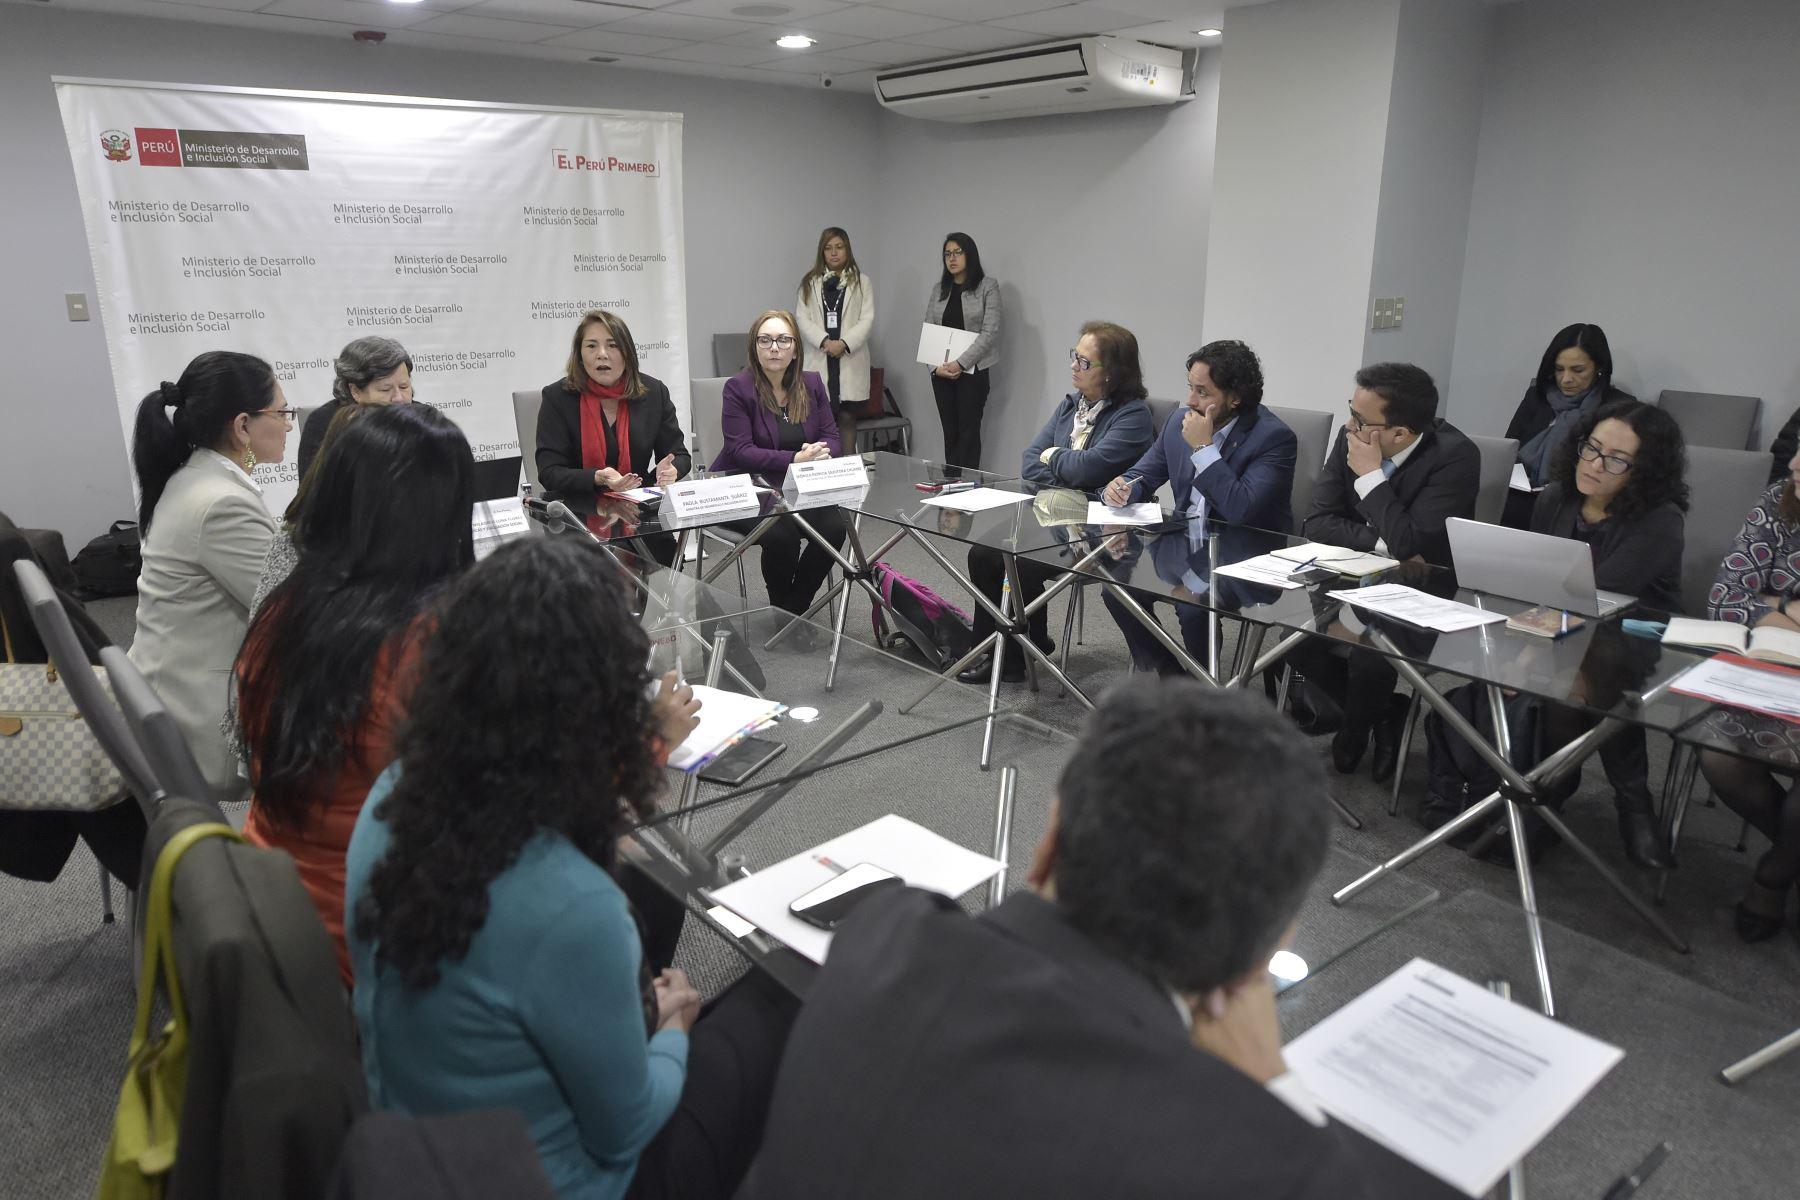 Ministra de Inclusión social, Paola Bustamante comparte la experiencia en políticas sociales con autoridades del Ecuador que ha permitido reducir de manera importante los indices de desnutrición crónica infantil. Foto: ANDINA/ José Sotomayor